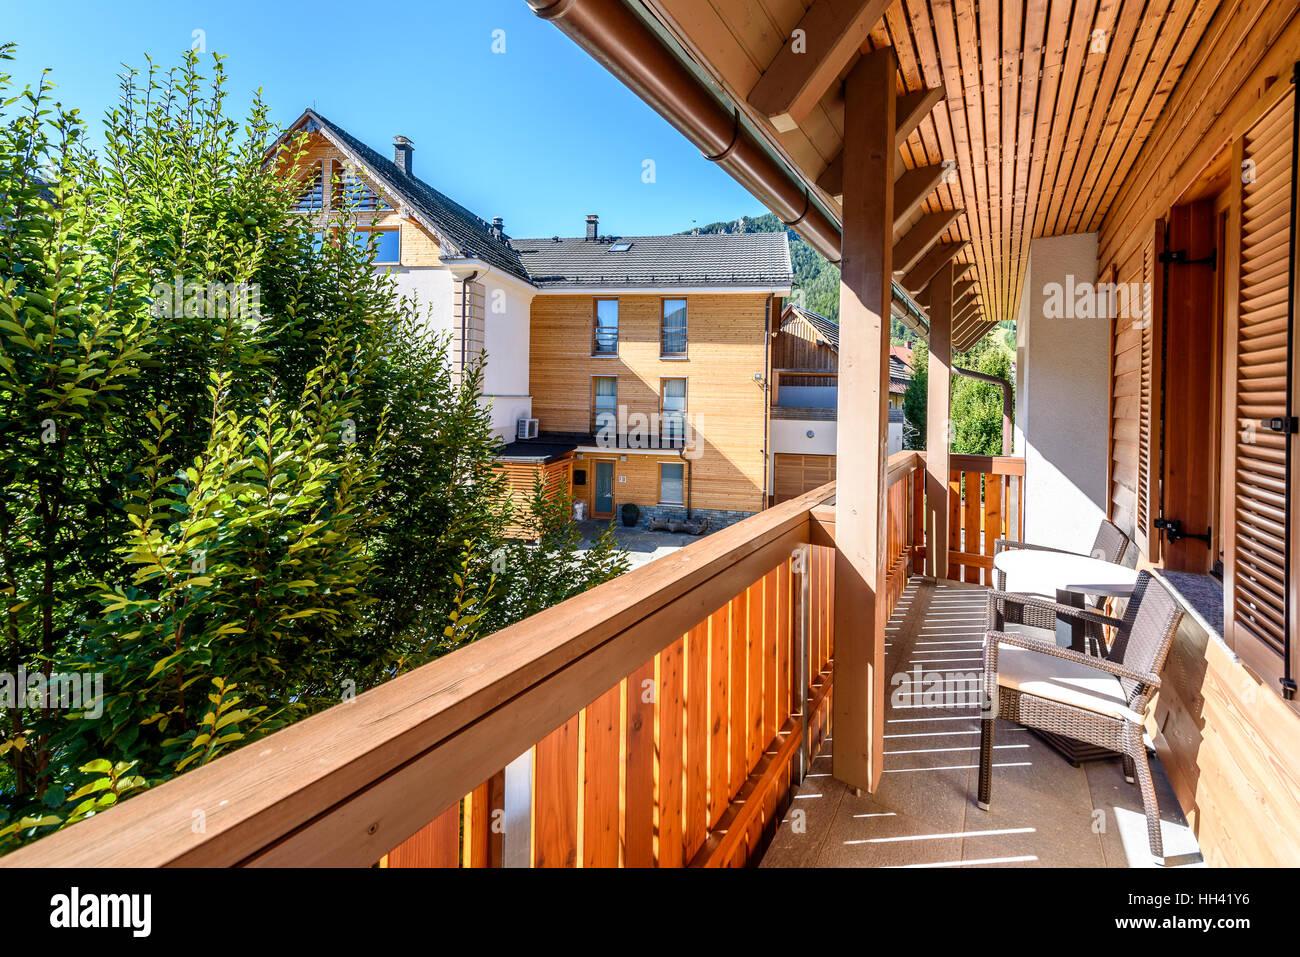 Moderne Holz-Terrasse - Balkon mit Tisch und Stühlen ...